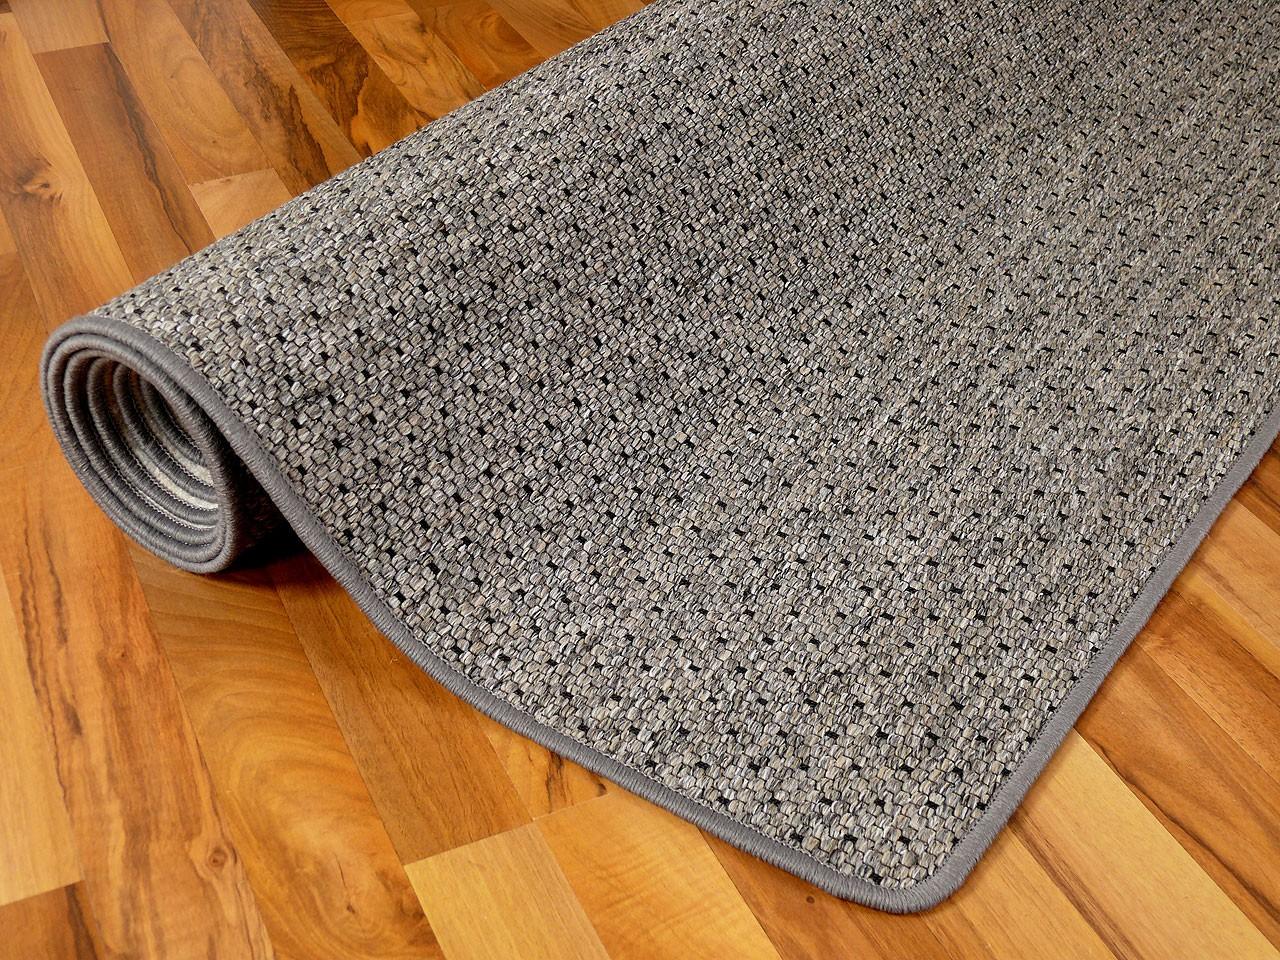 teppich bentzon flachgewebe grau blau schwarz trend abverkauf teppiche sisal und naturteppiche. Black Bedroom Furniture Sets. Home Design Ideas